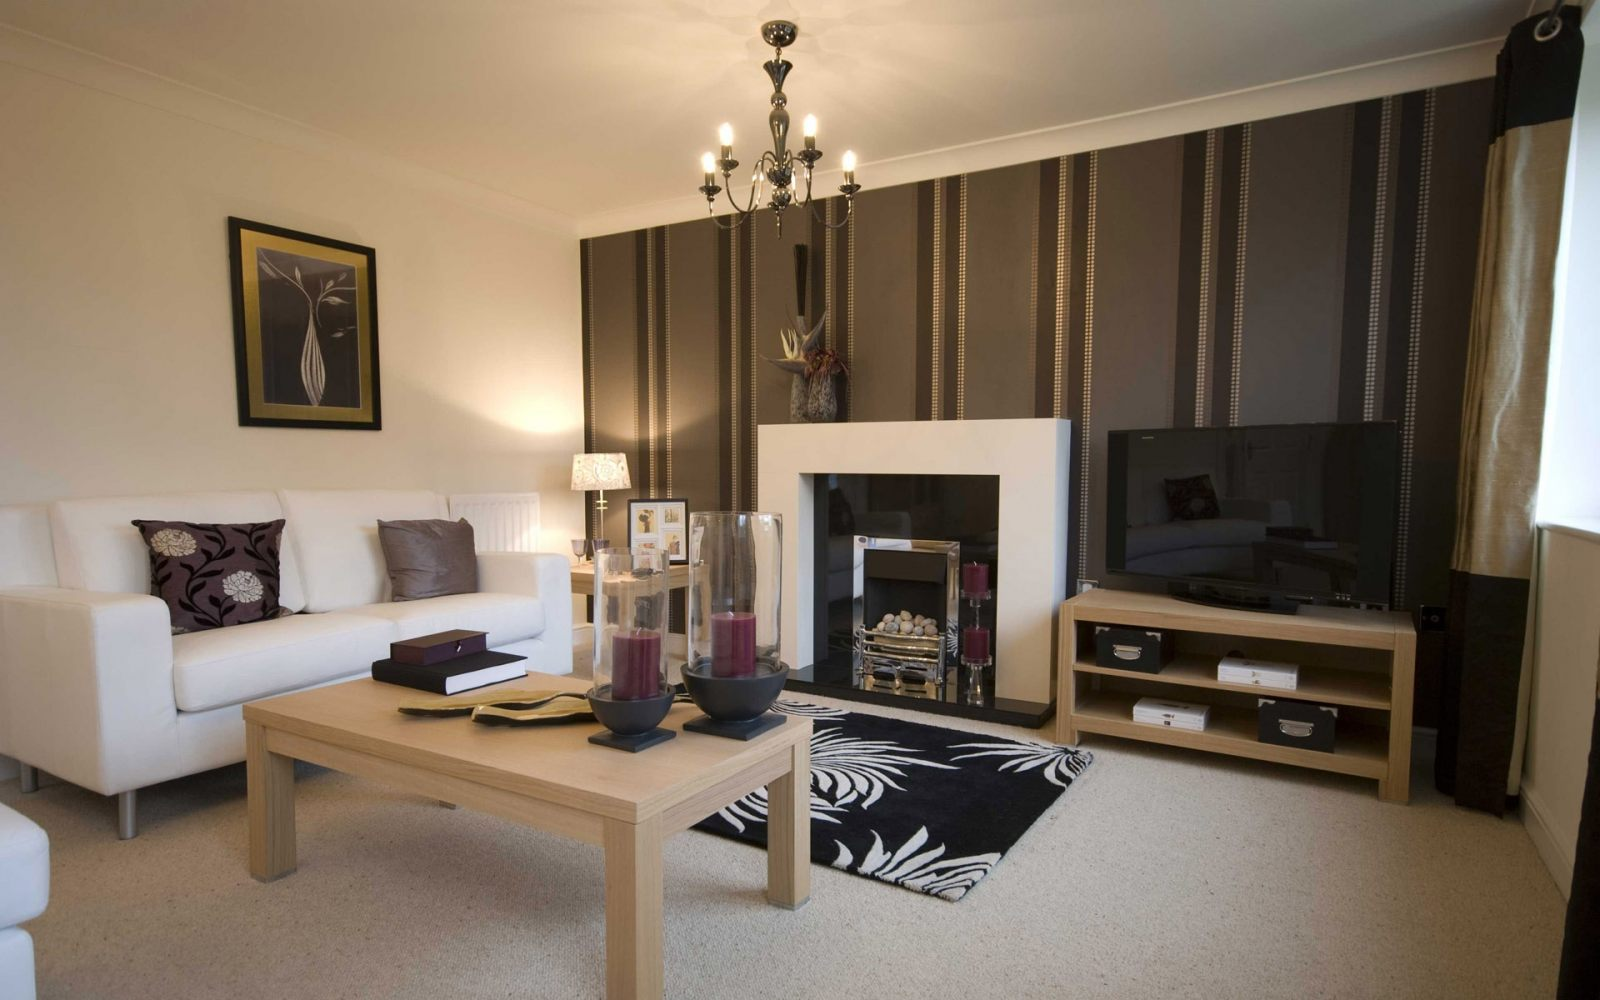 Papel de parede para uma sala barroca moderna fotos e - Papel pintado salones modernos ...